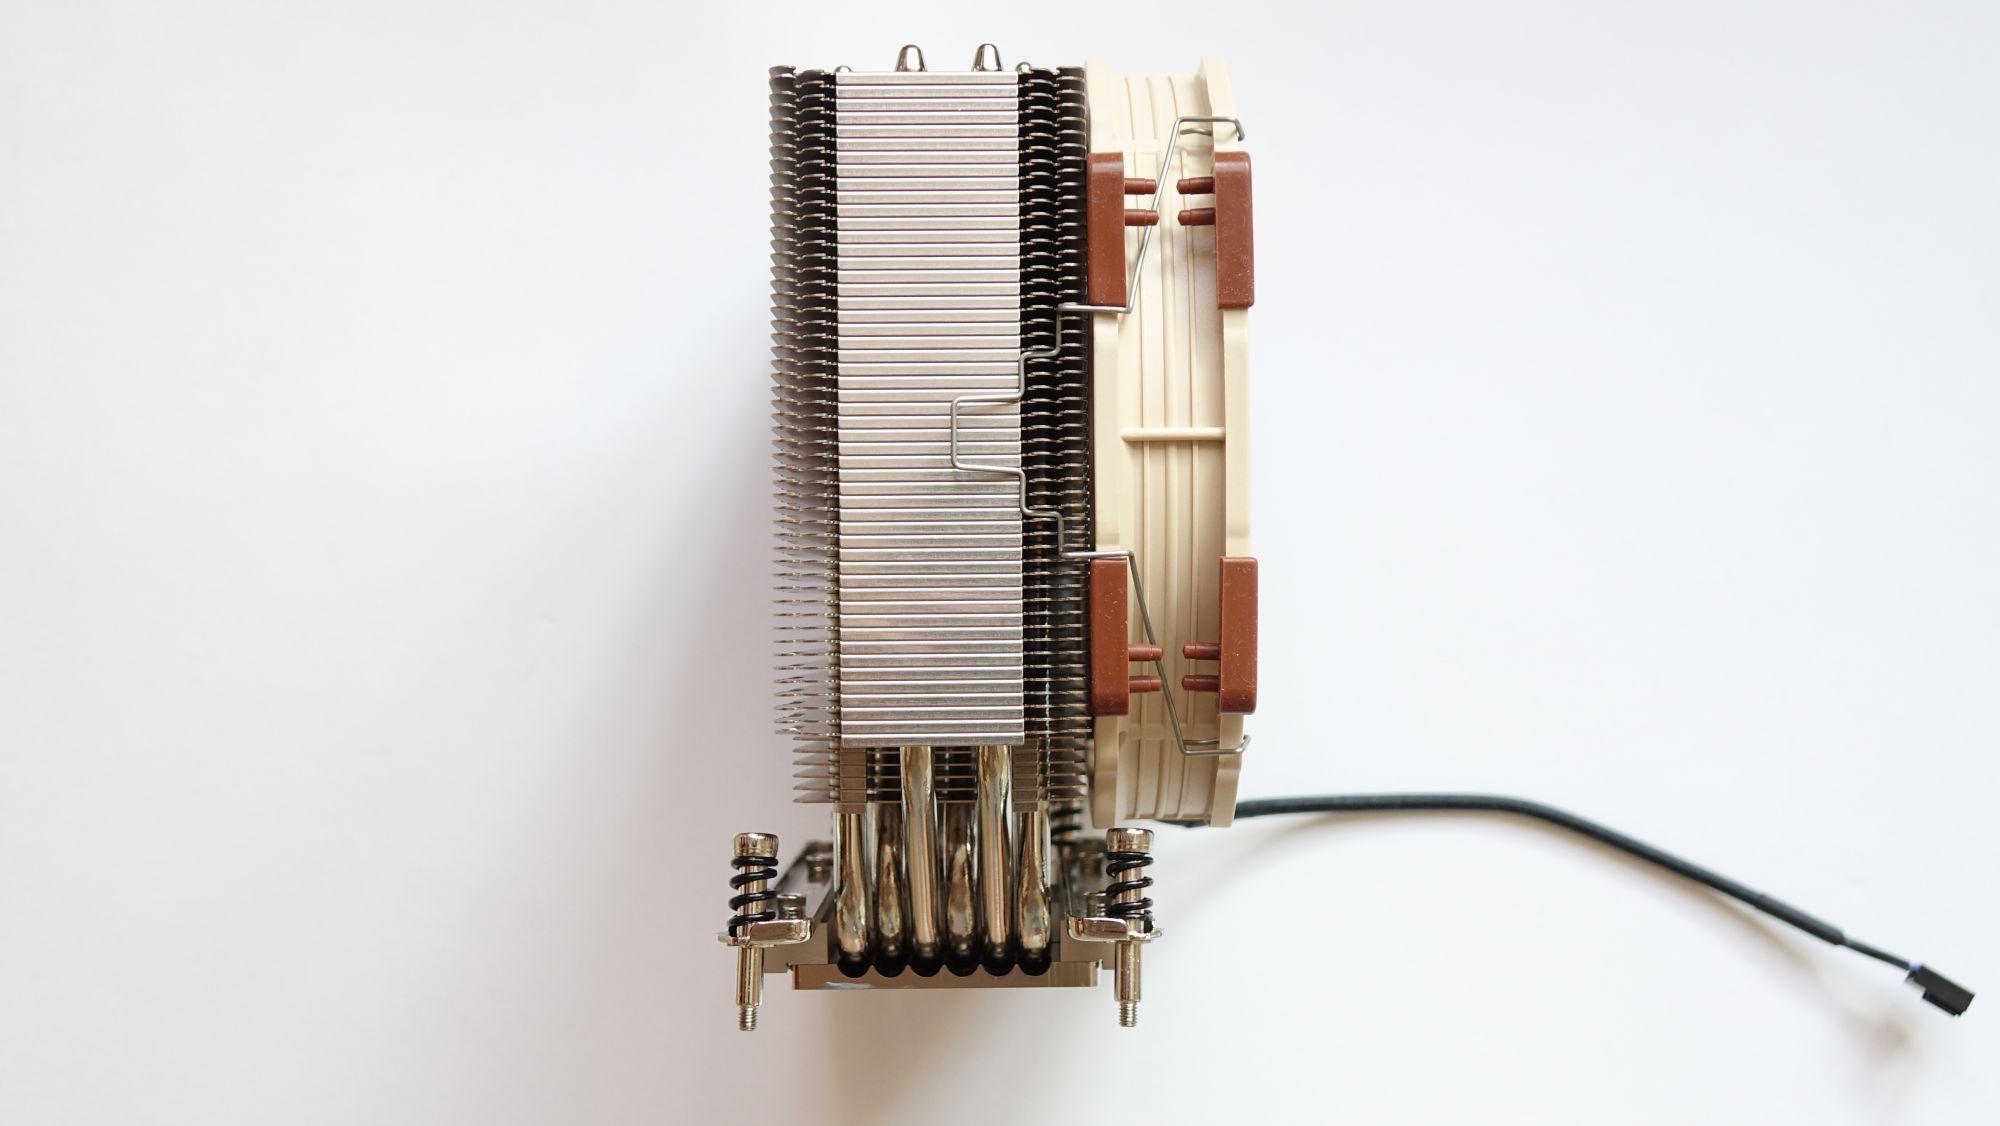 NH-U14S TR4-SP3 сбоку